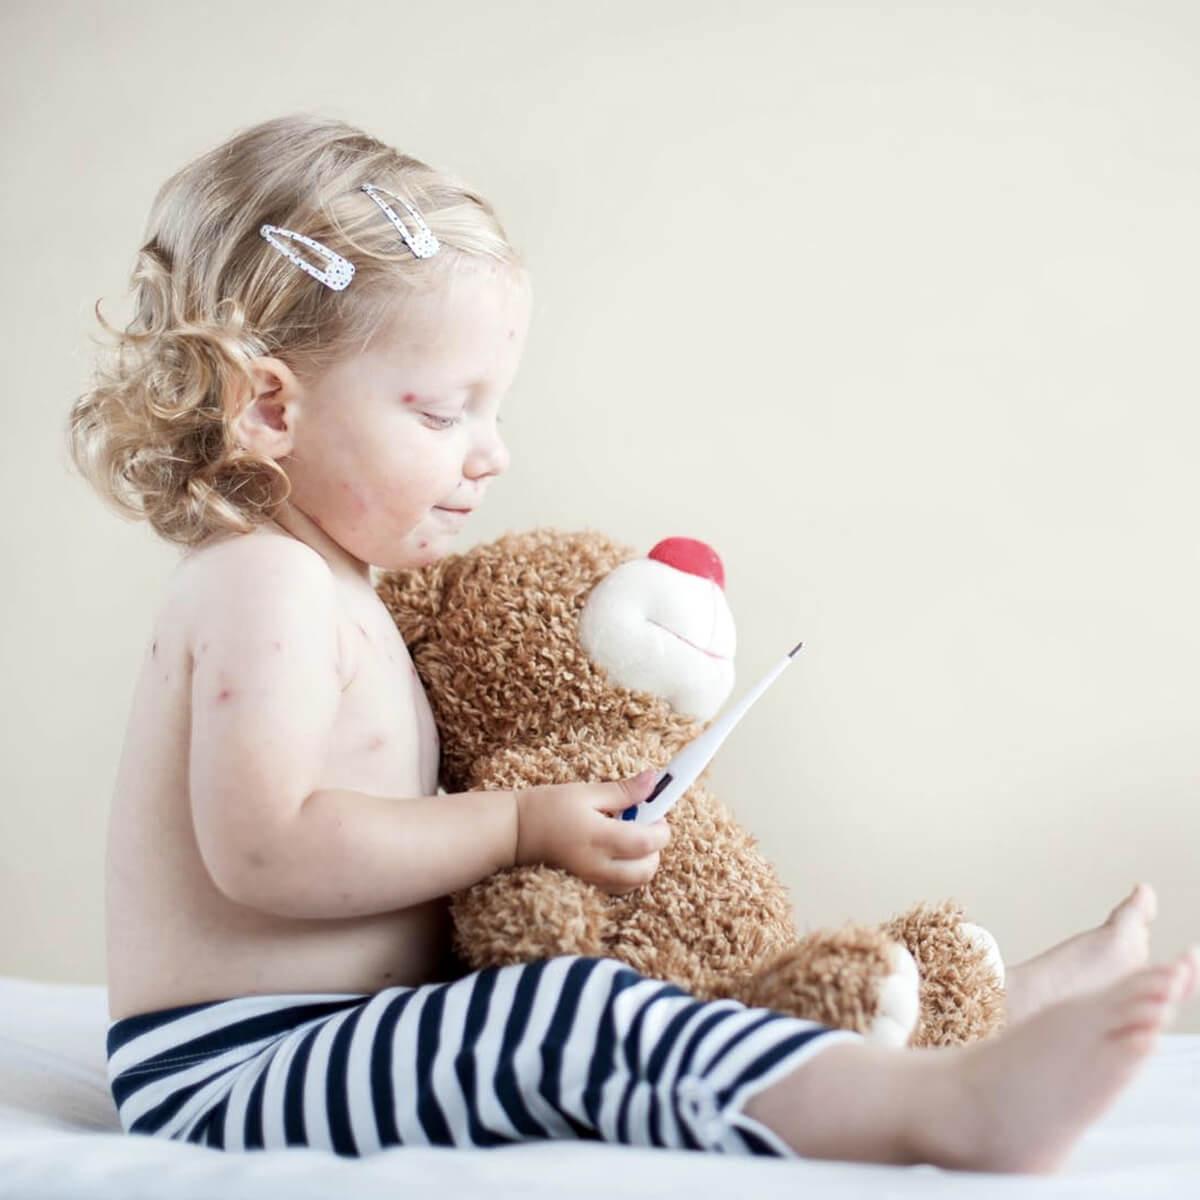 بیماری روزئولا، روزئولا در کودکان